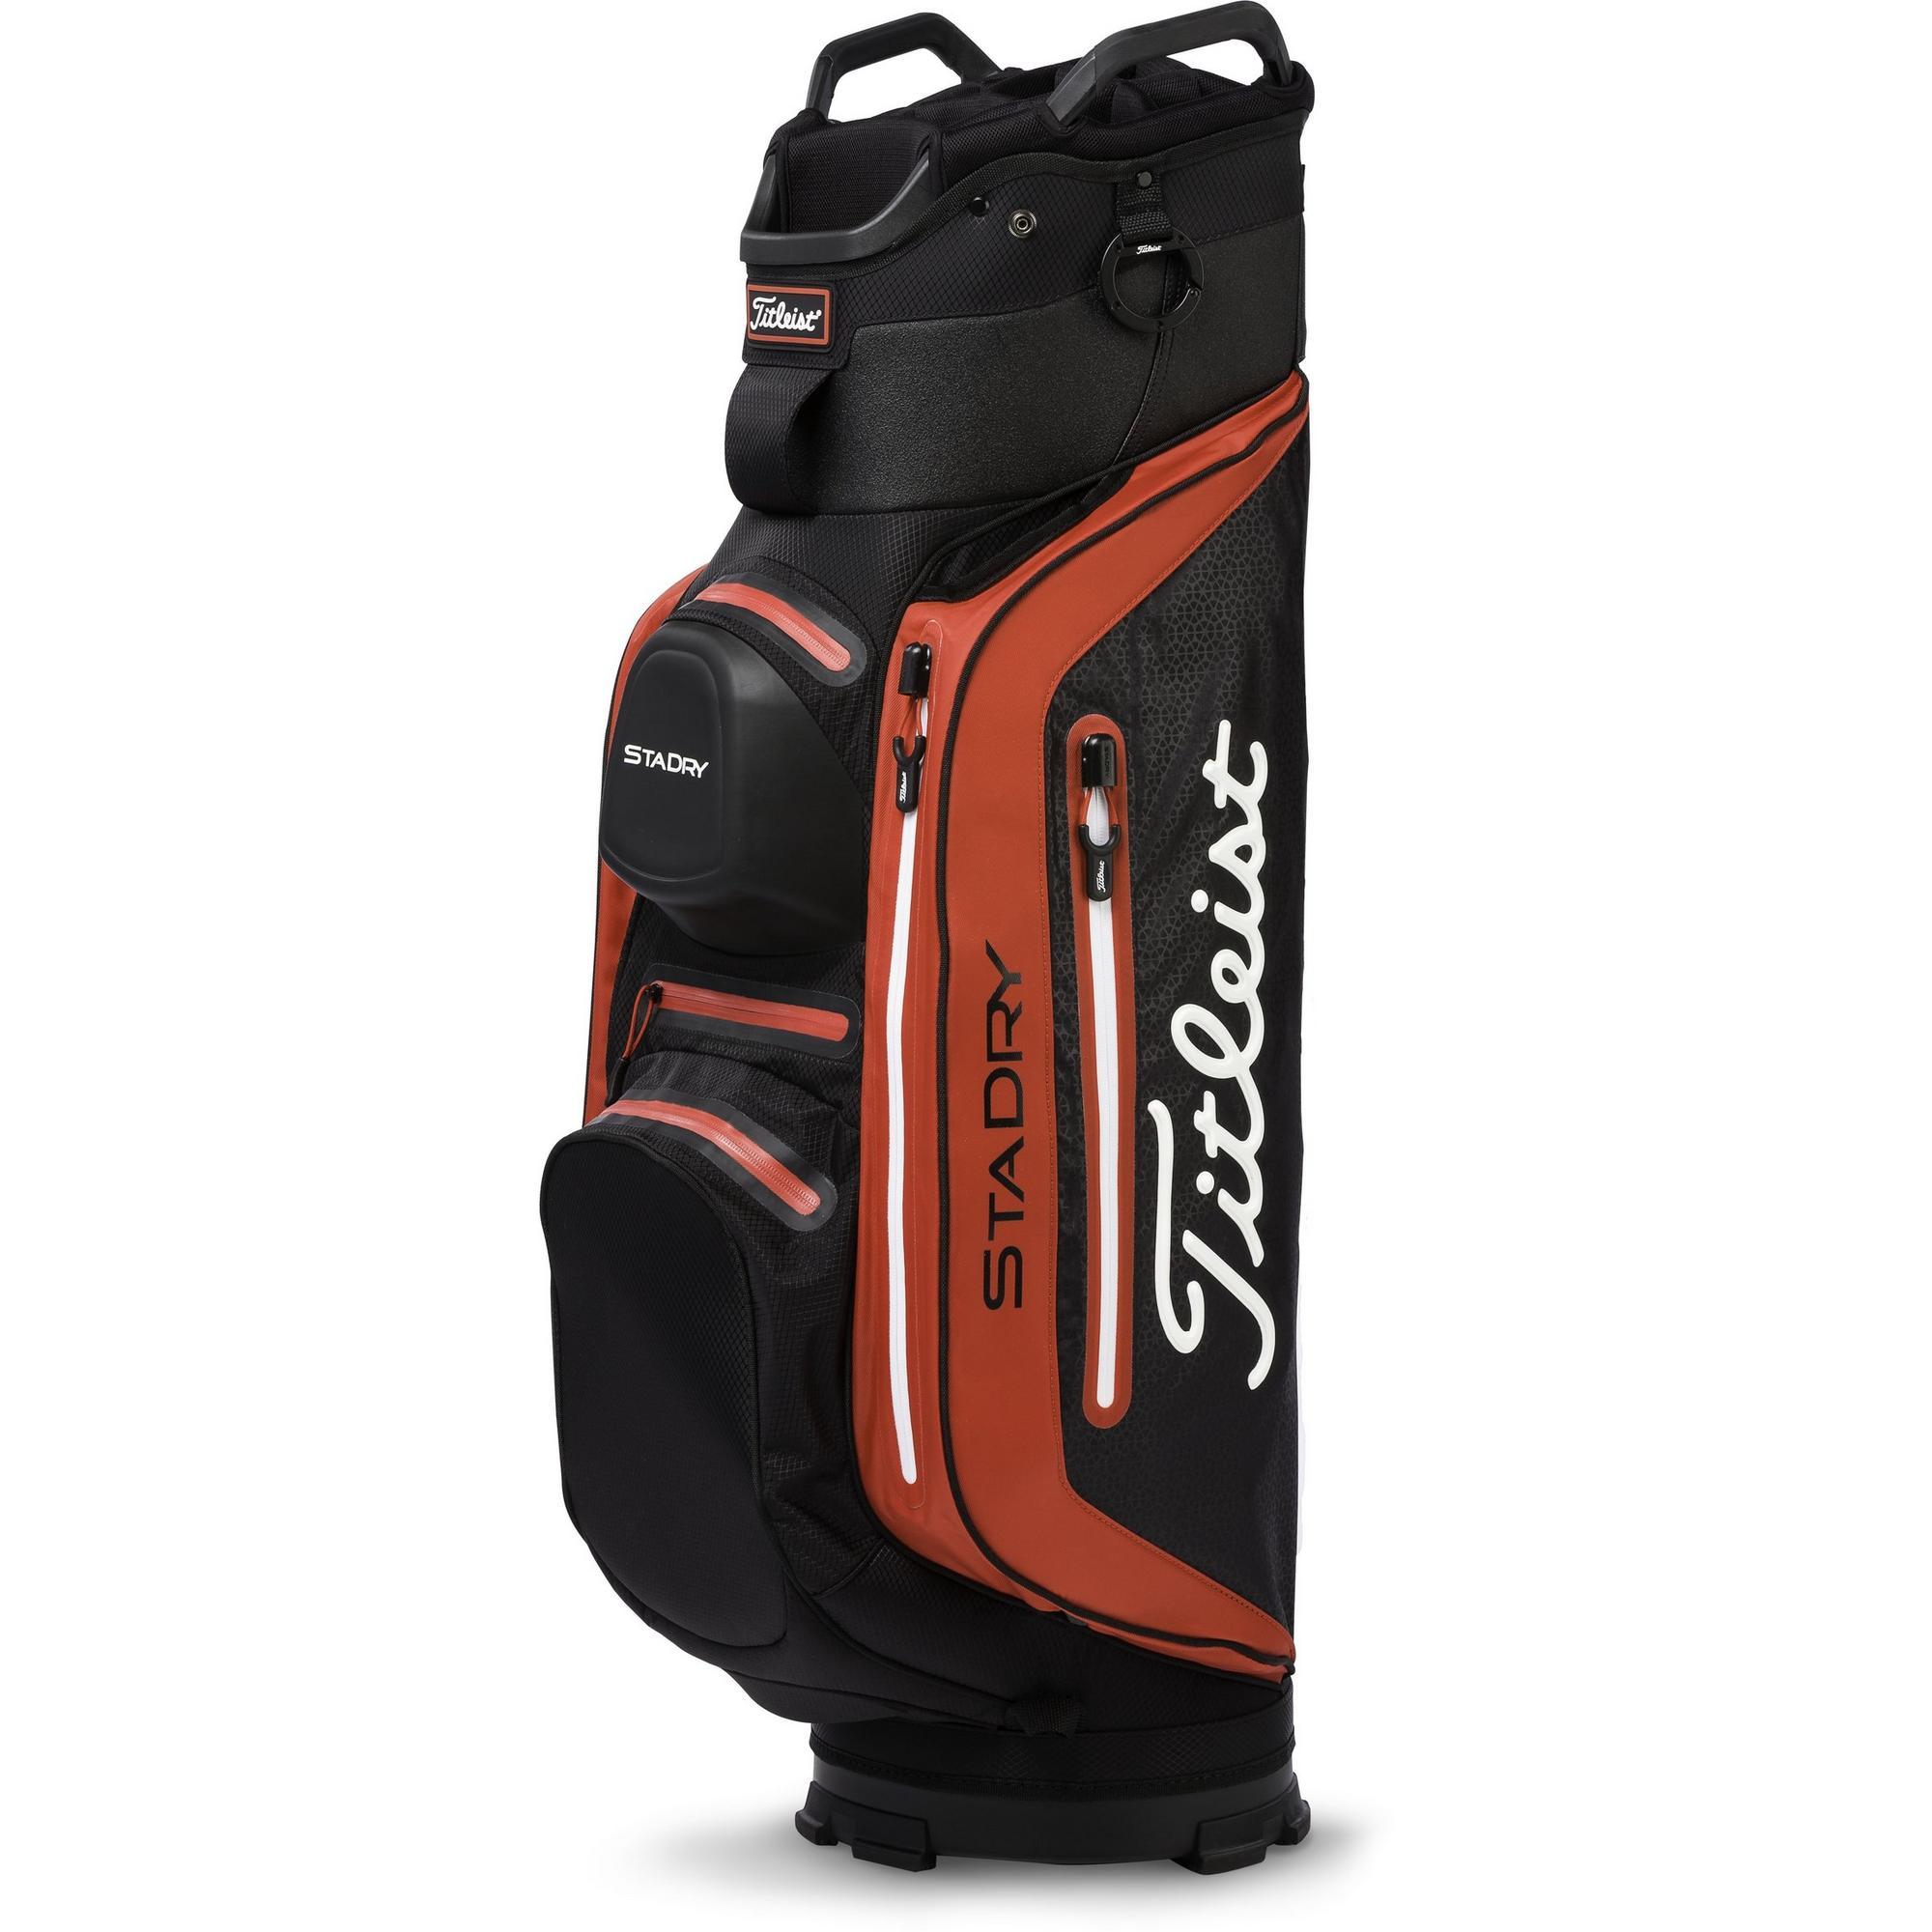 StaDry Deluxe Cart Bag